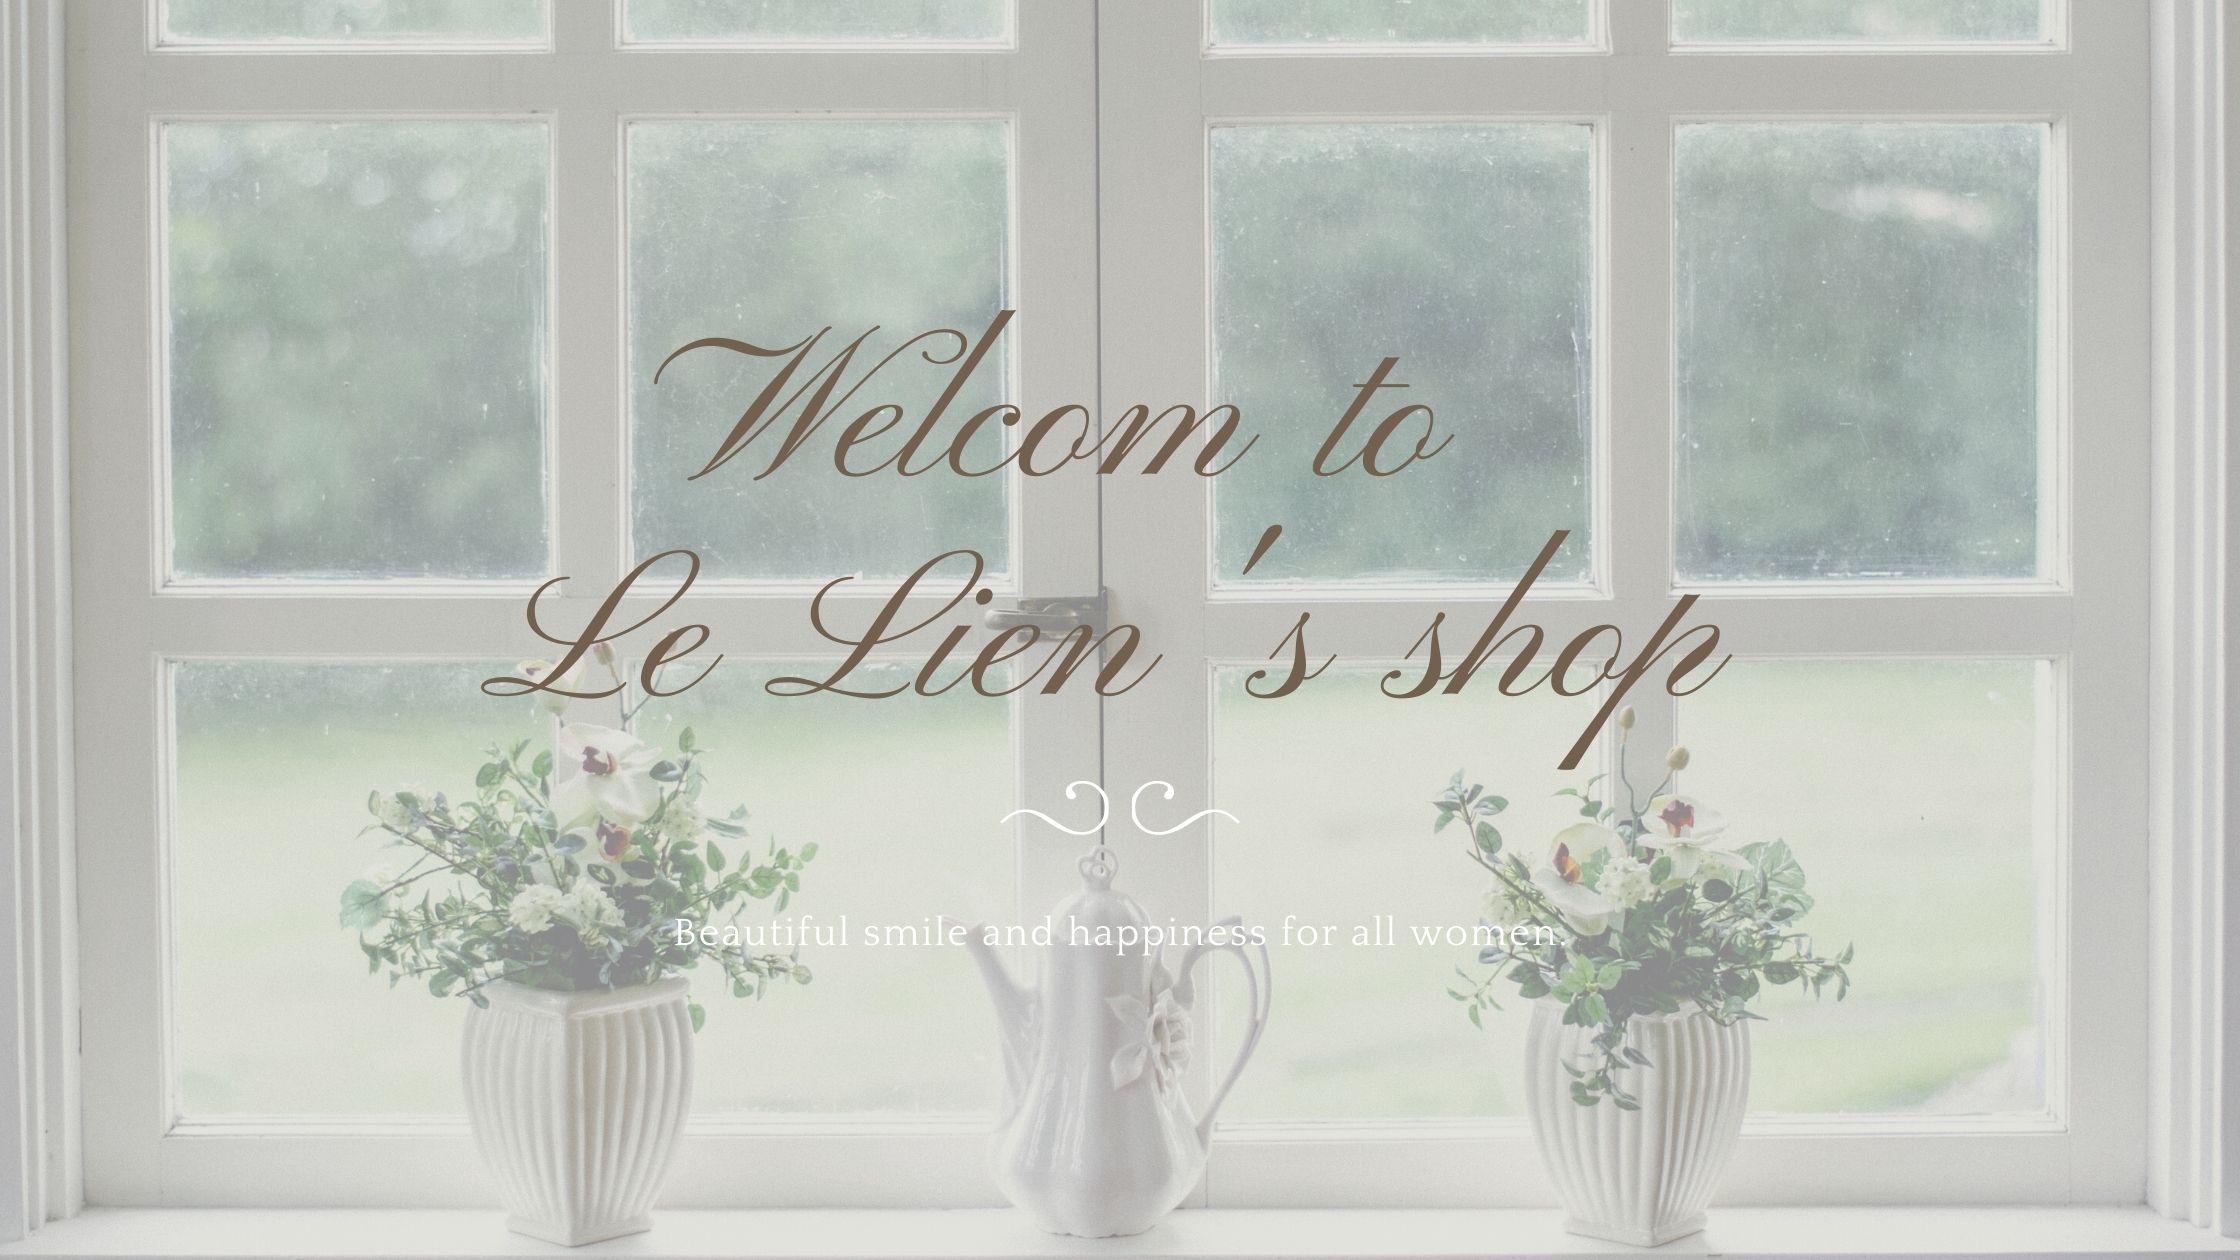 Le Lien紹介画像1